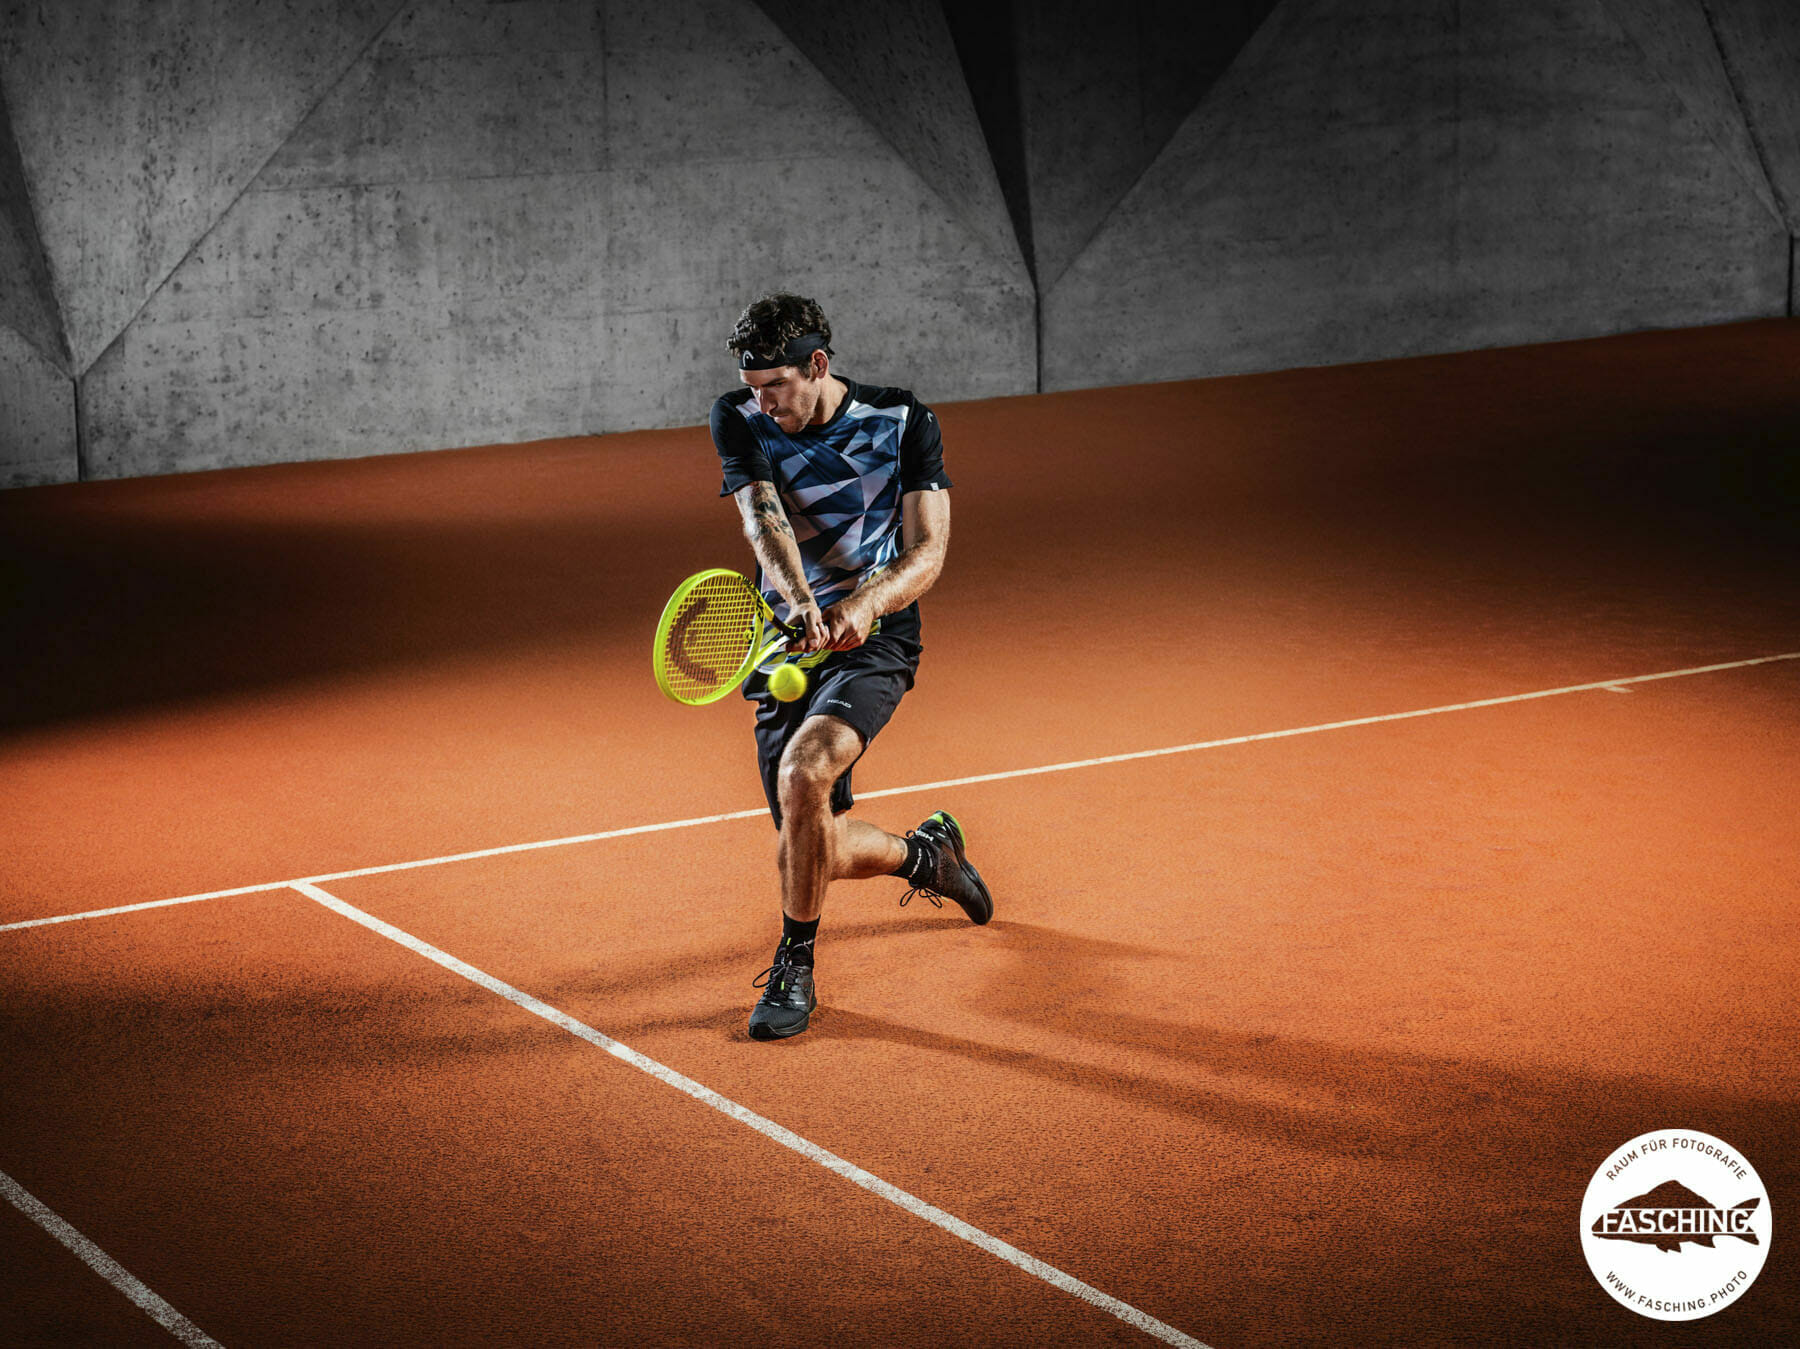 inszenierte Sportfotografie von Luca Fasching